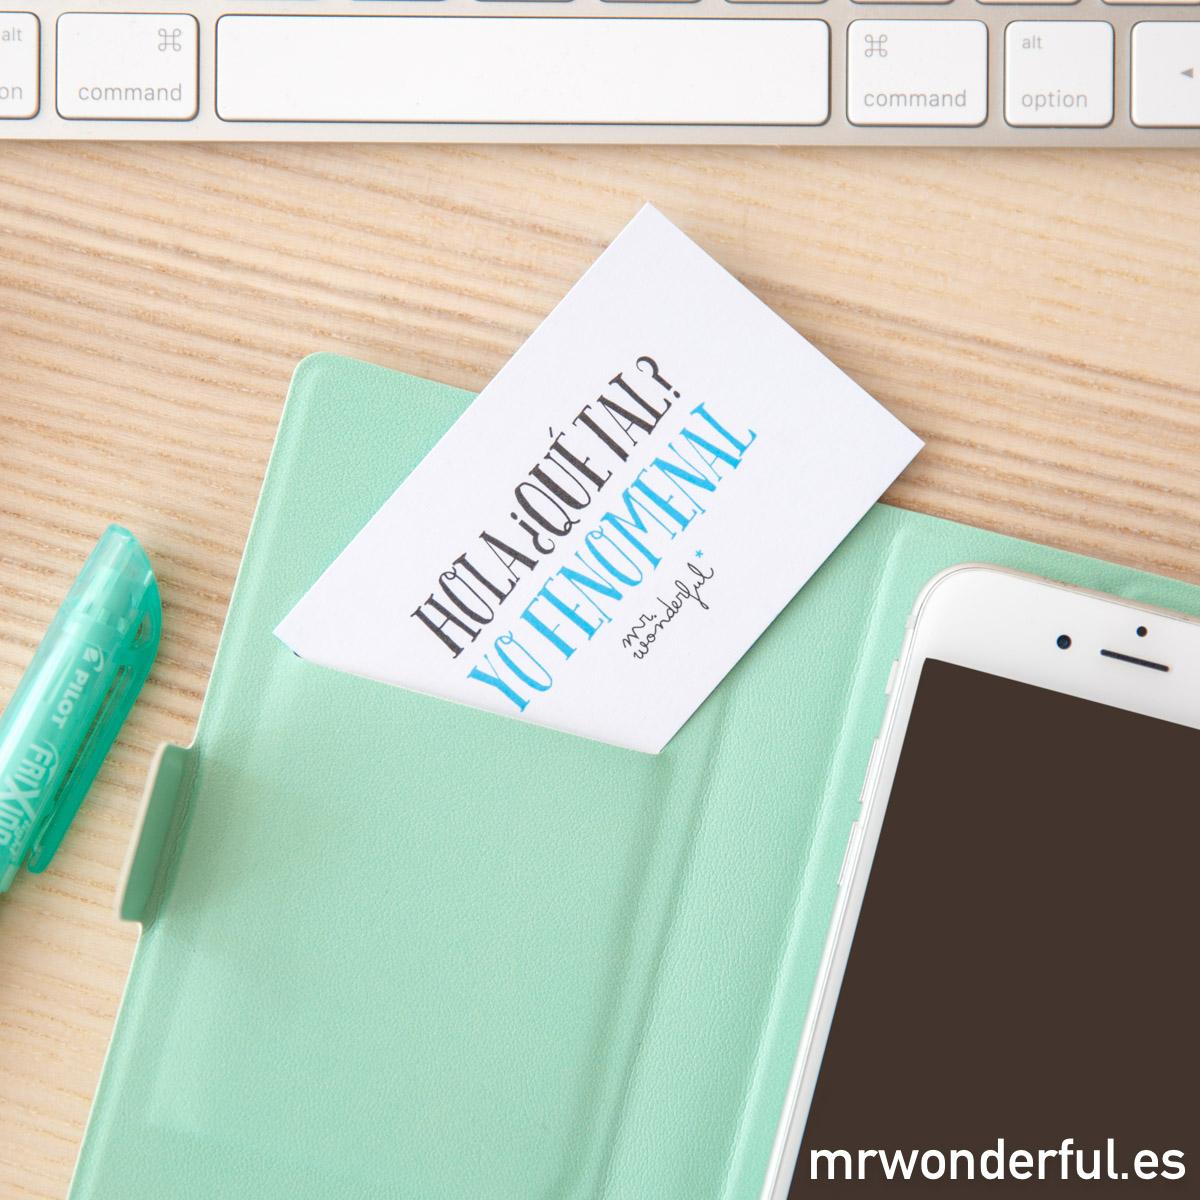 mrwonderful_8436557682307_Funda-libro-Universal-Momentos-5-8-Editar